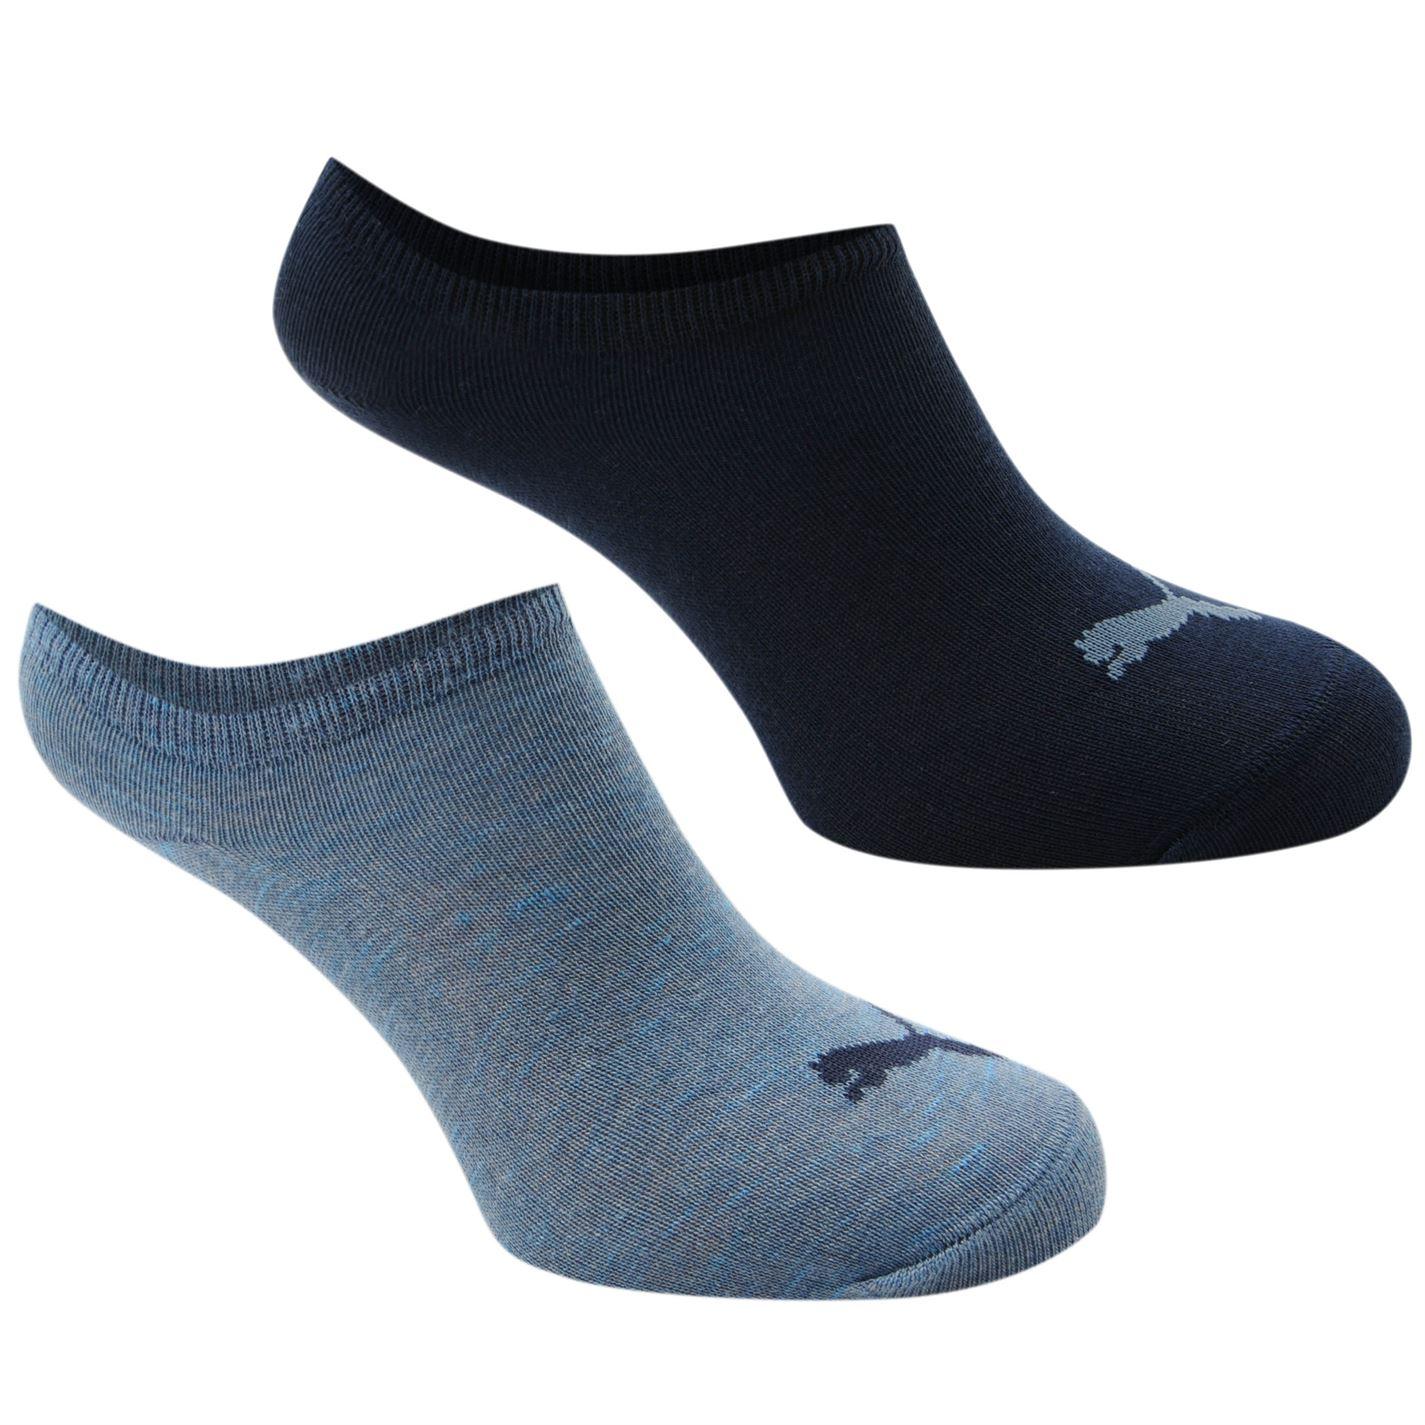 Chlapecké sportovní ponožky Puma, 2 páry, vel. 23 - 26